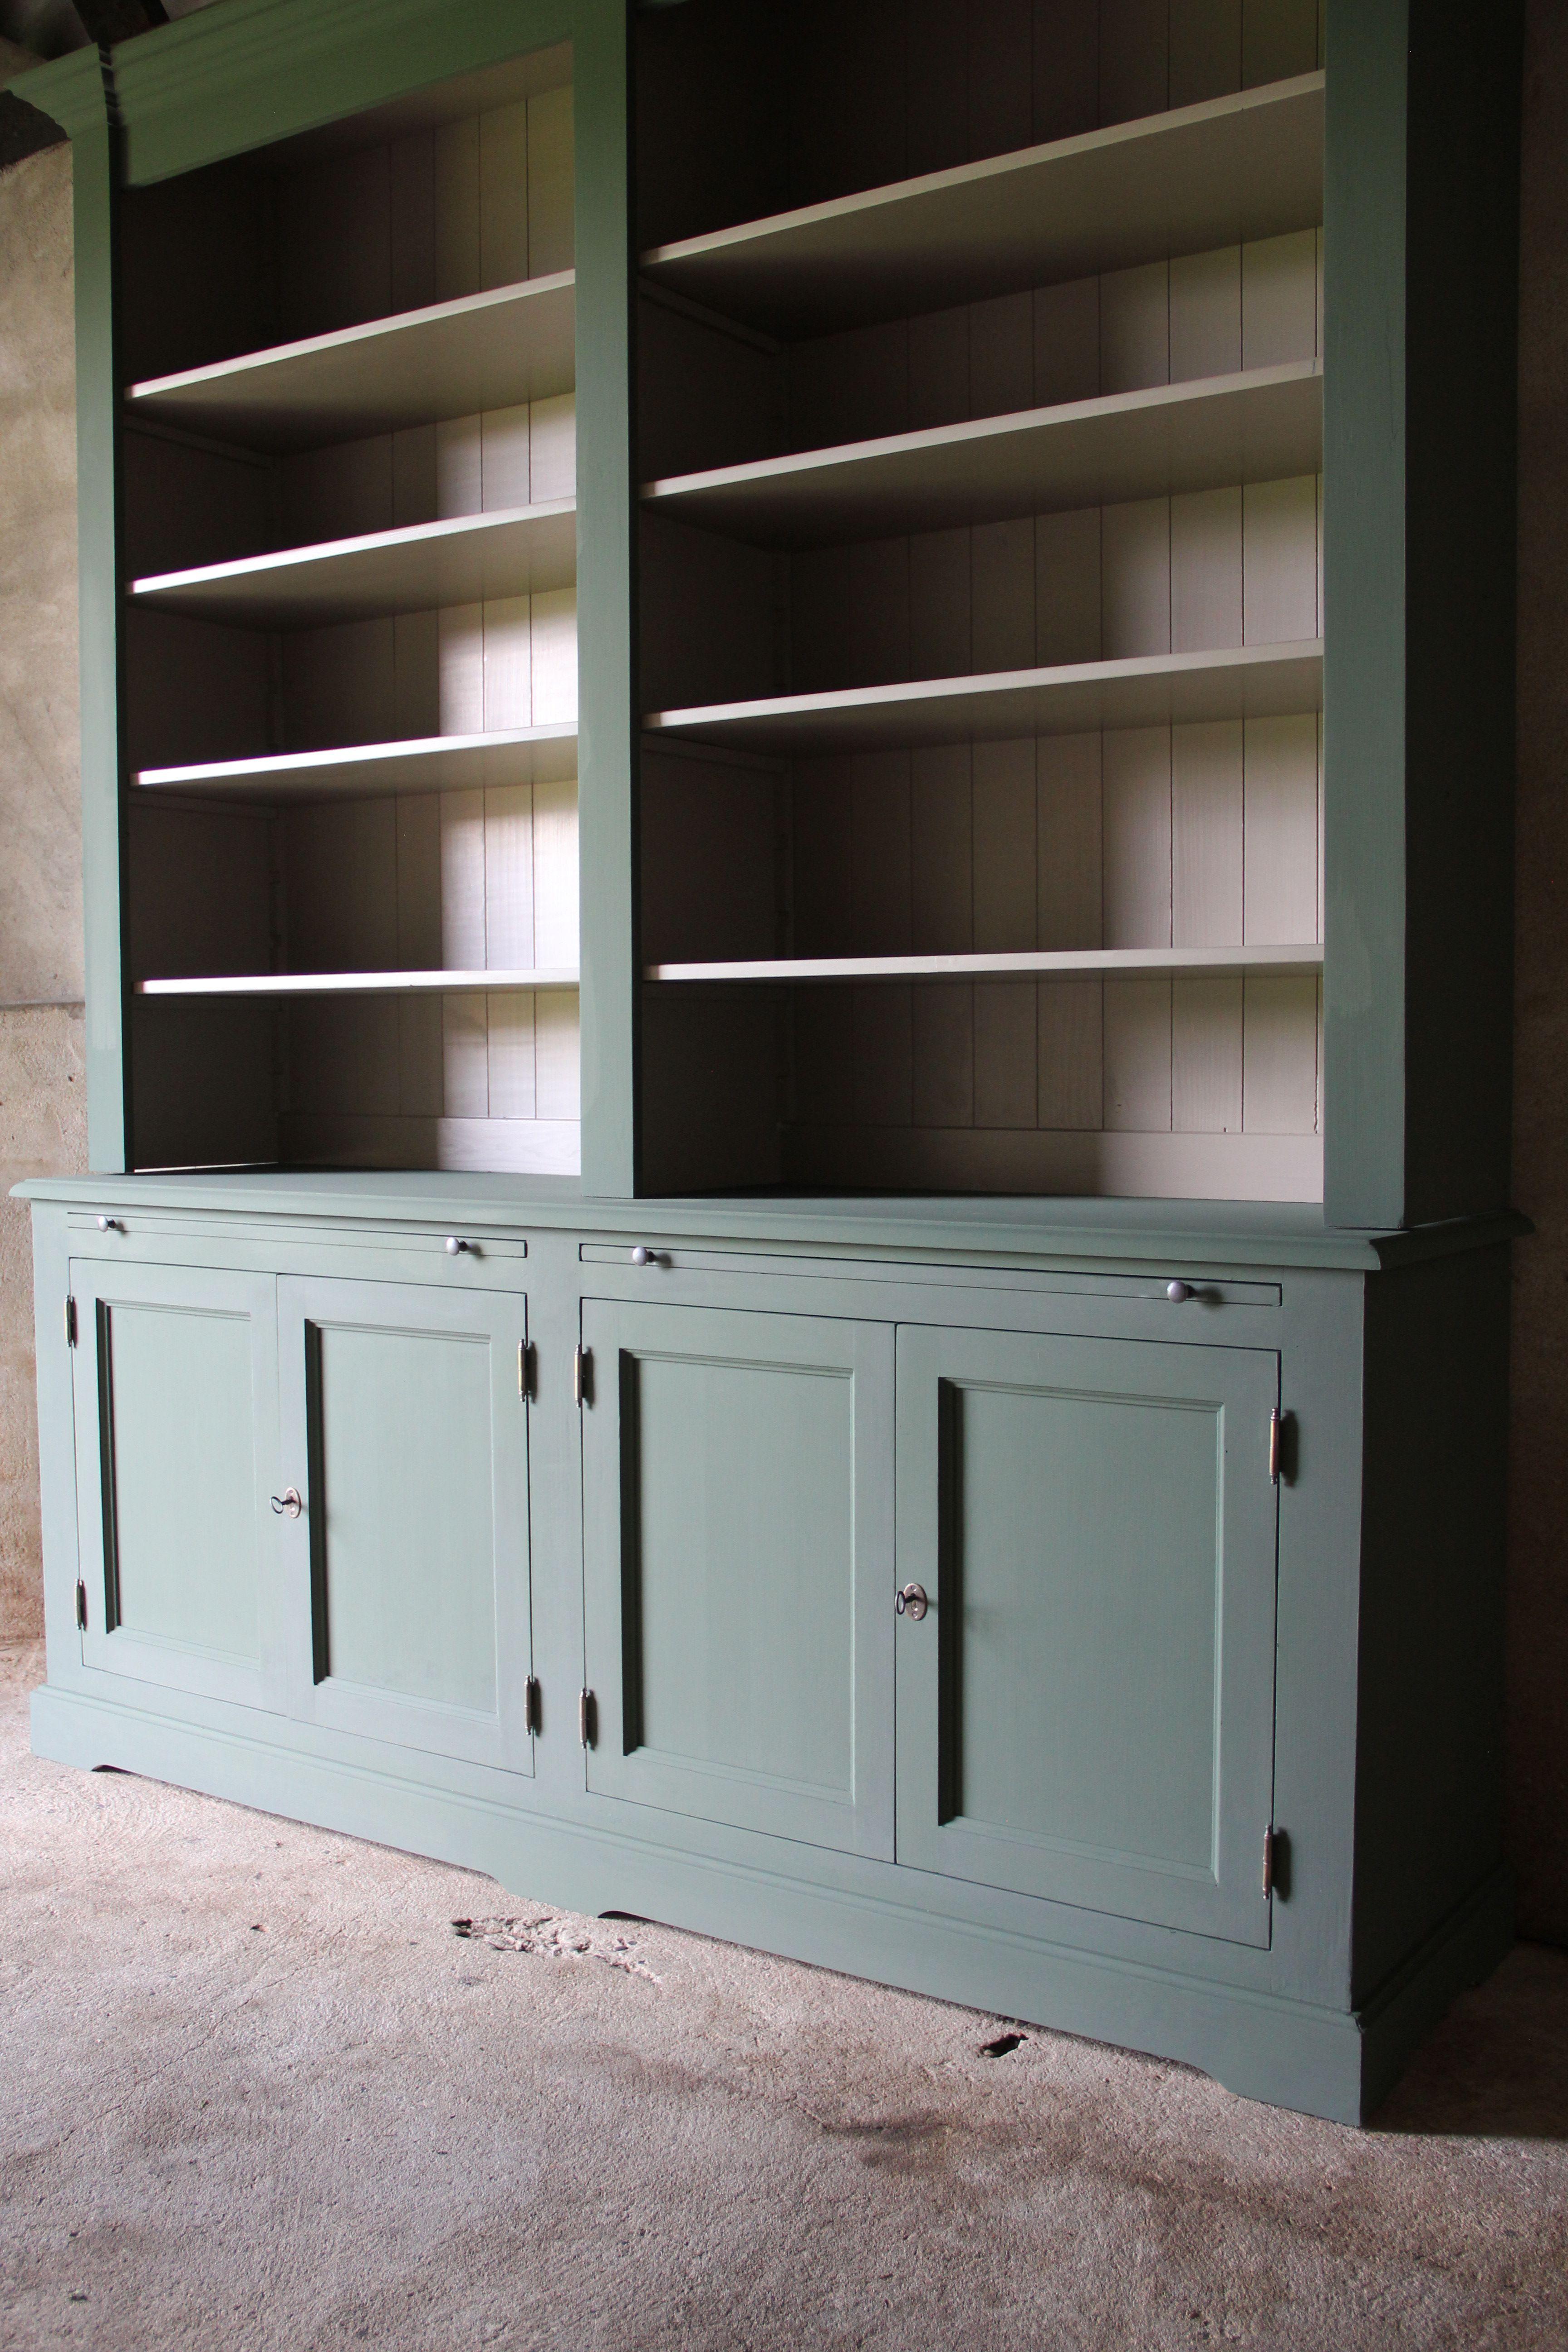 landelijke boekenkast afmeting h 240 cm x b 210 cm x d 50 cm inndoors